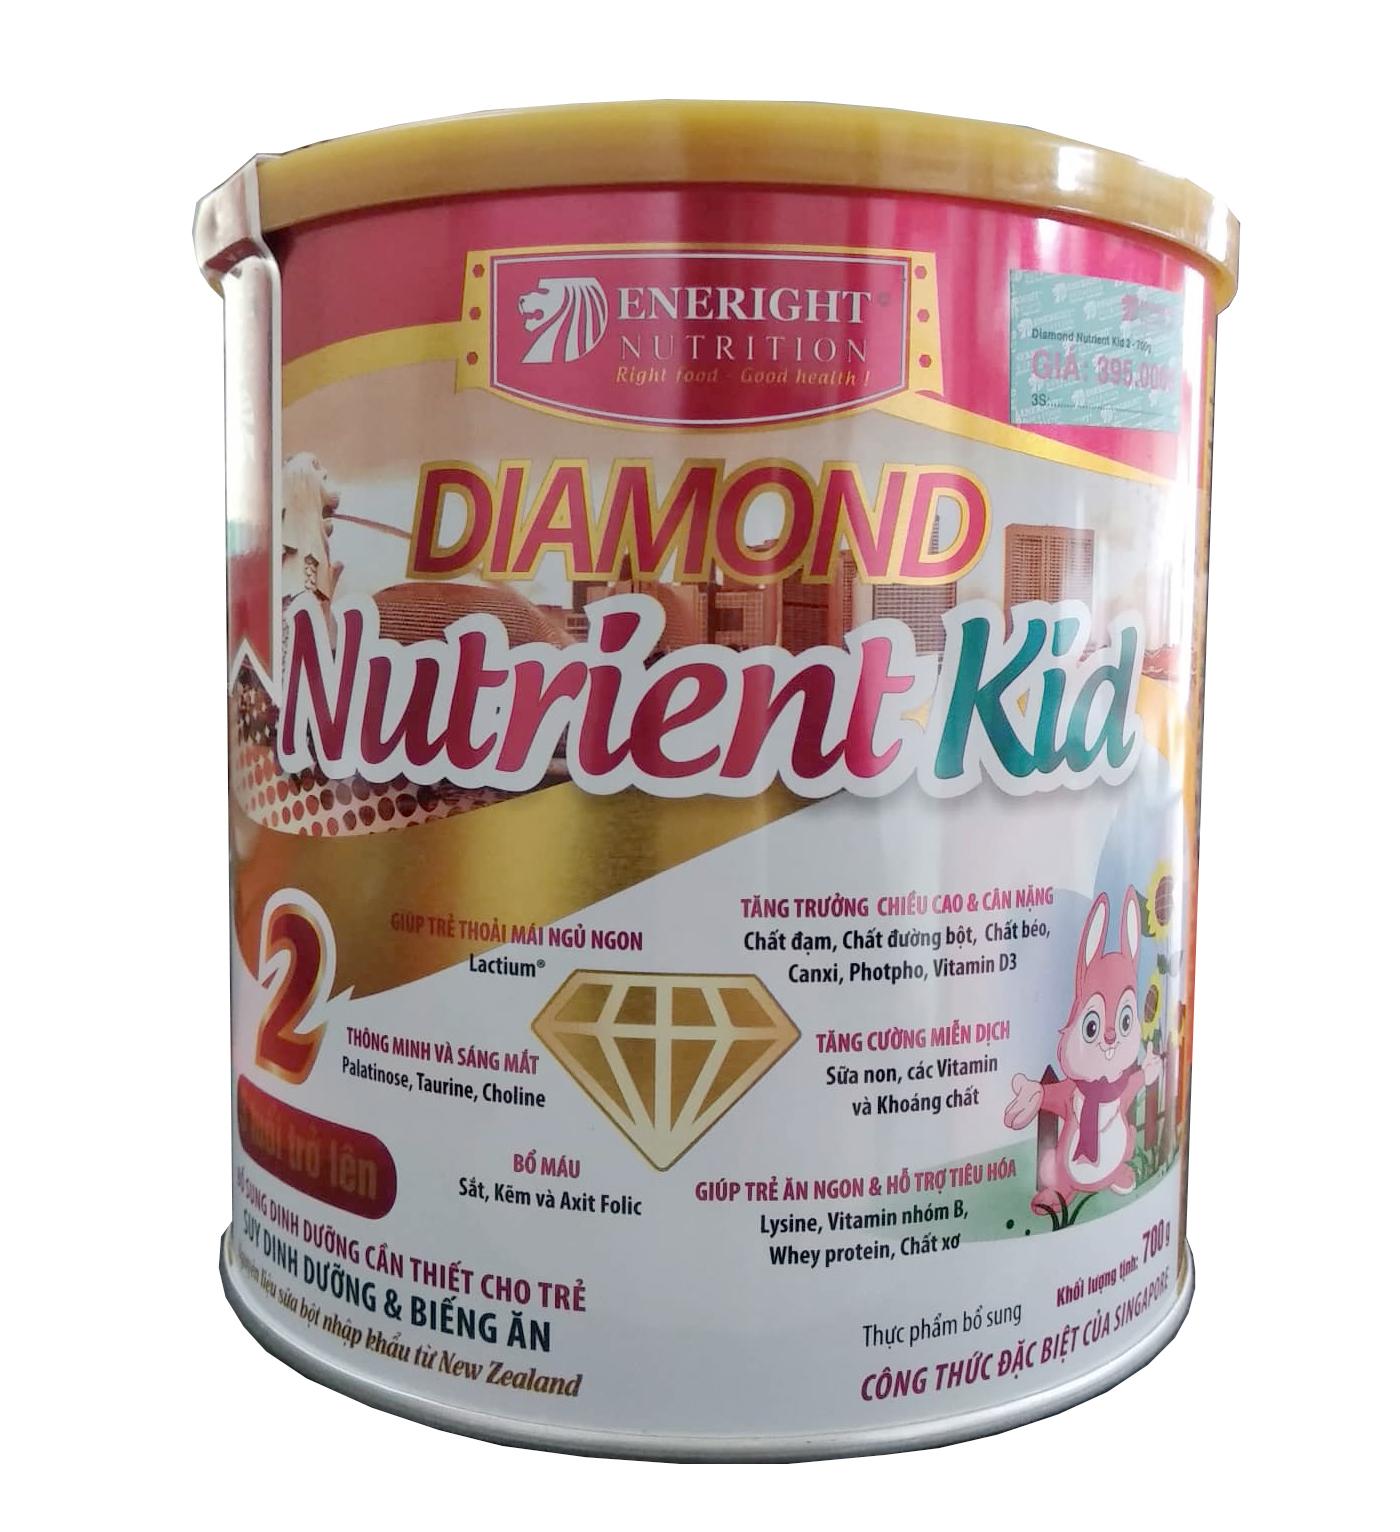 Diamond Nutrient Kid số 2 700g : sữa cho trẻ suy dinh dưỡng, thấp còi từ 36 tháng tuôi trở lên